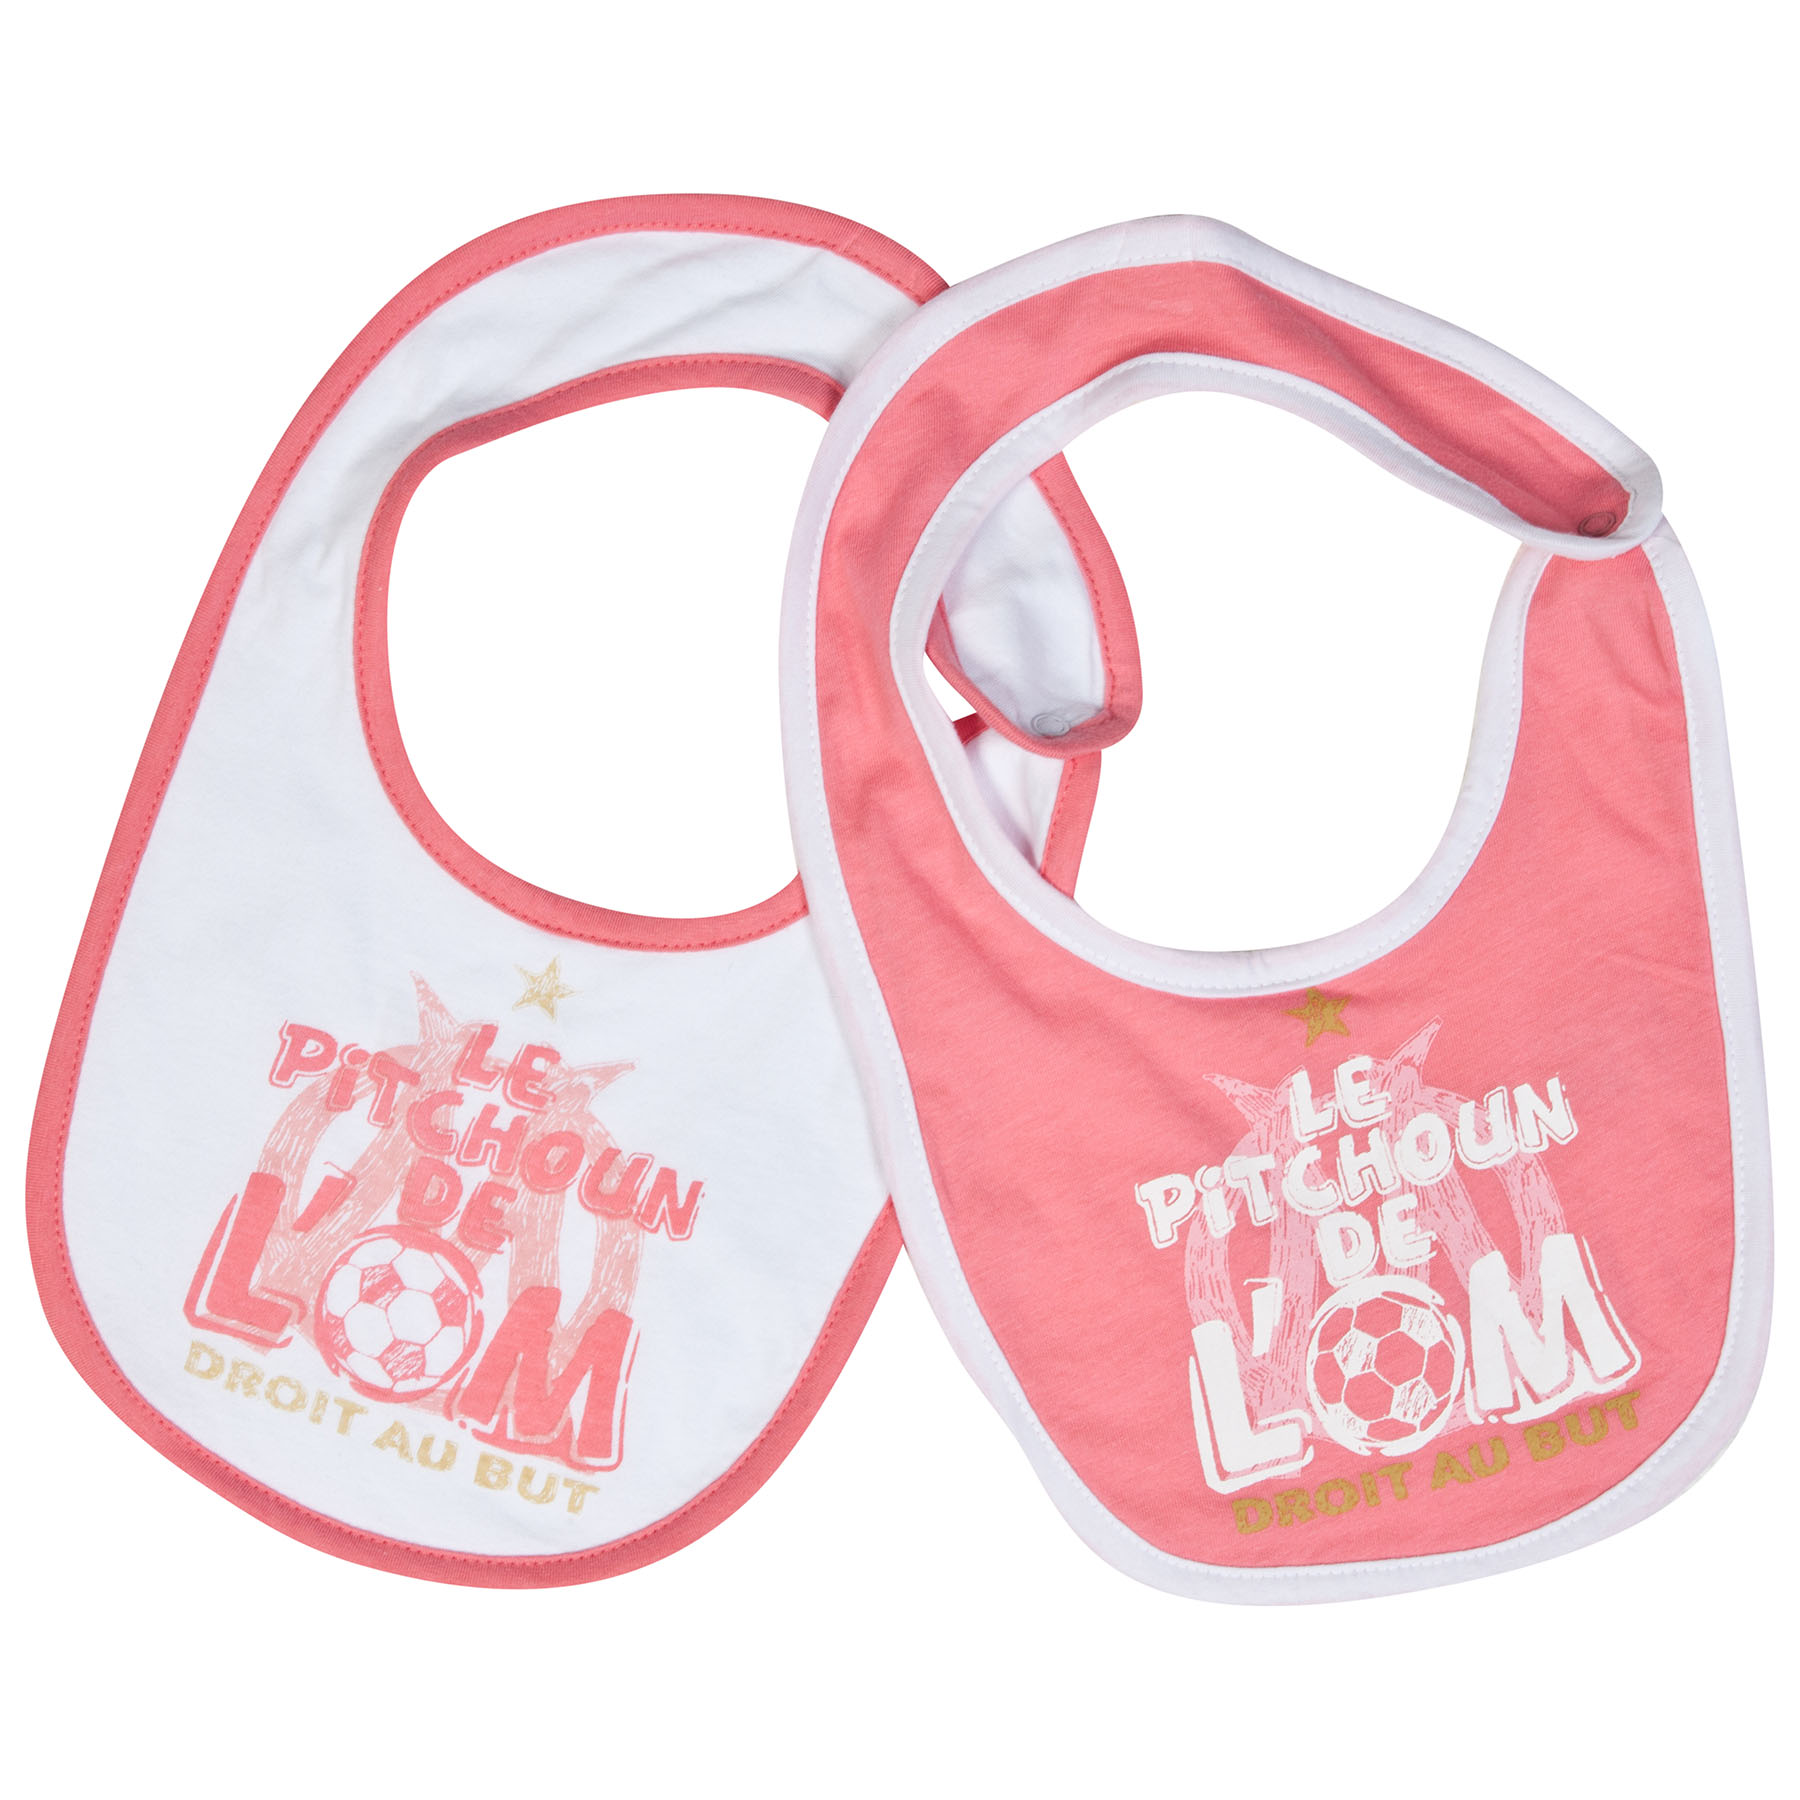 Olympique de Marseille 2 PK Bibs - Pink/White - Baby Girls